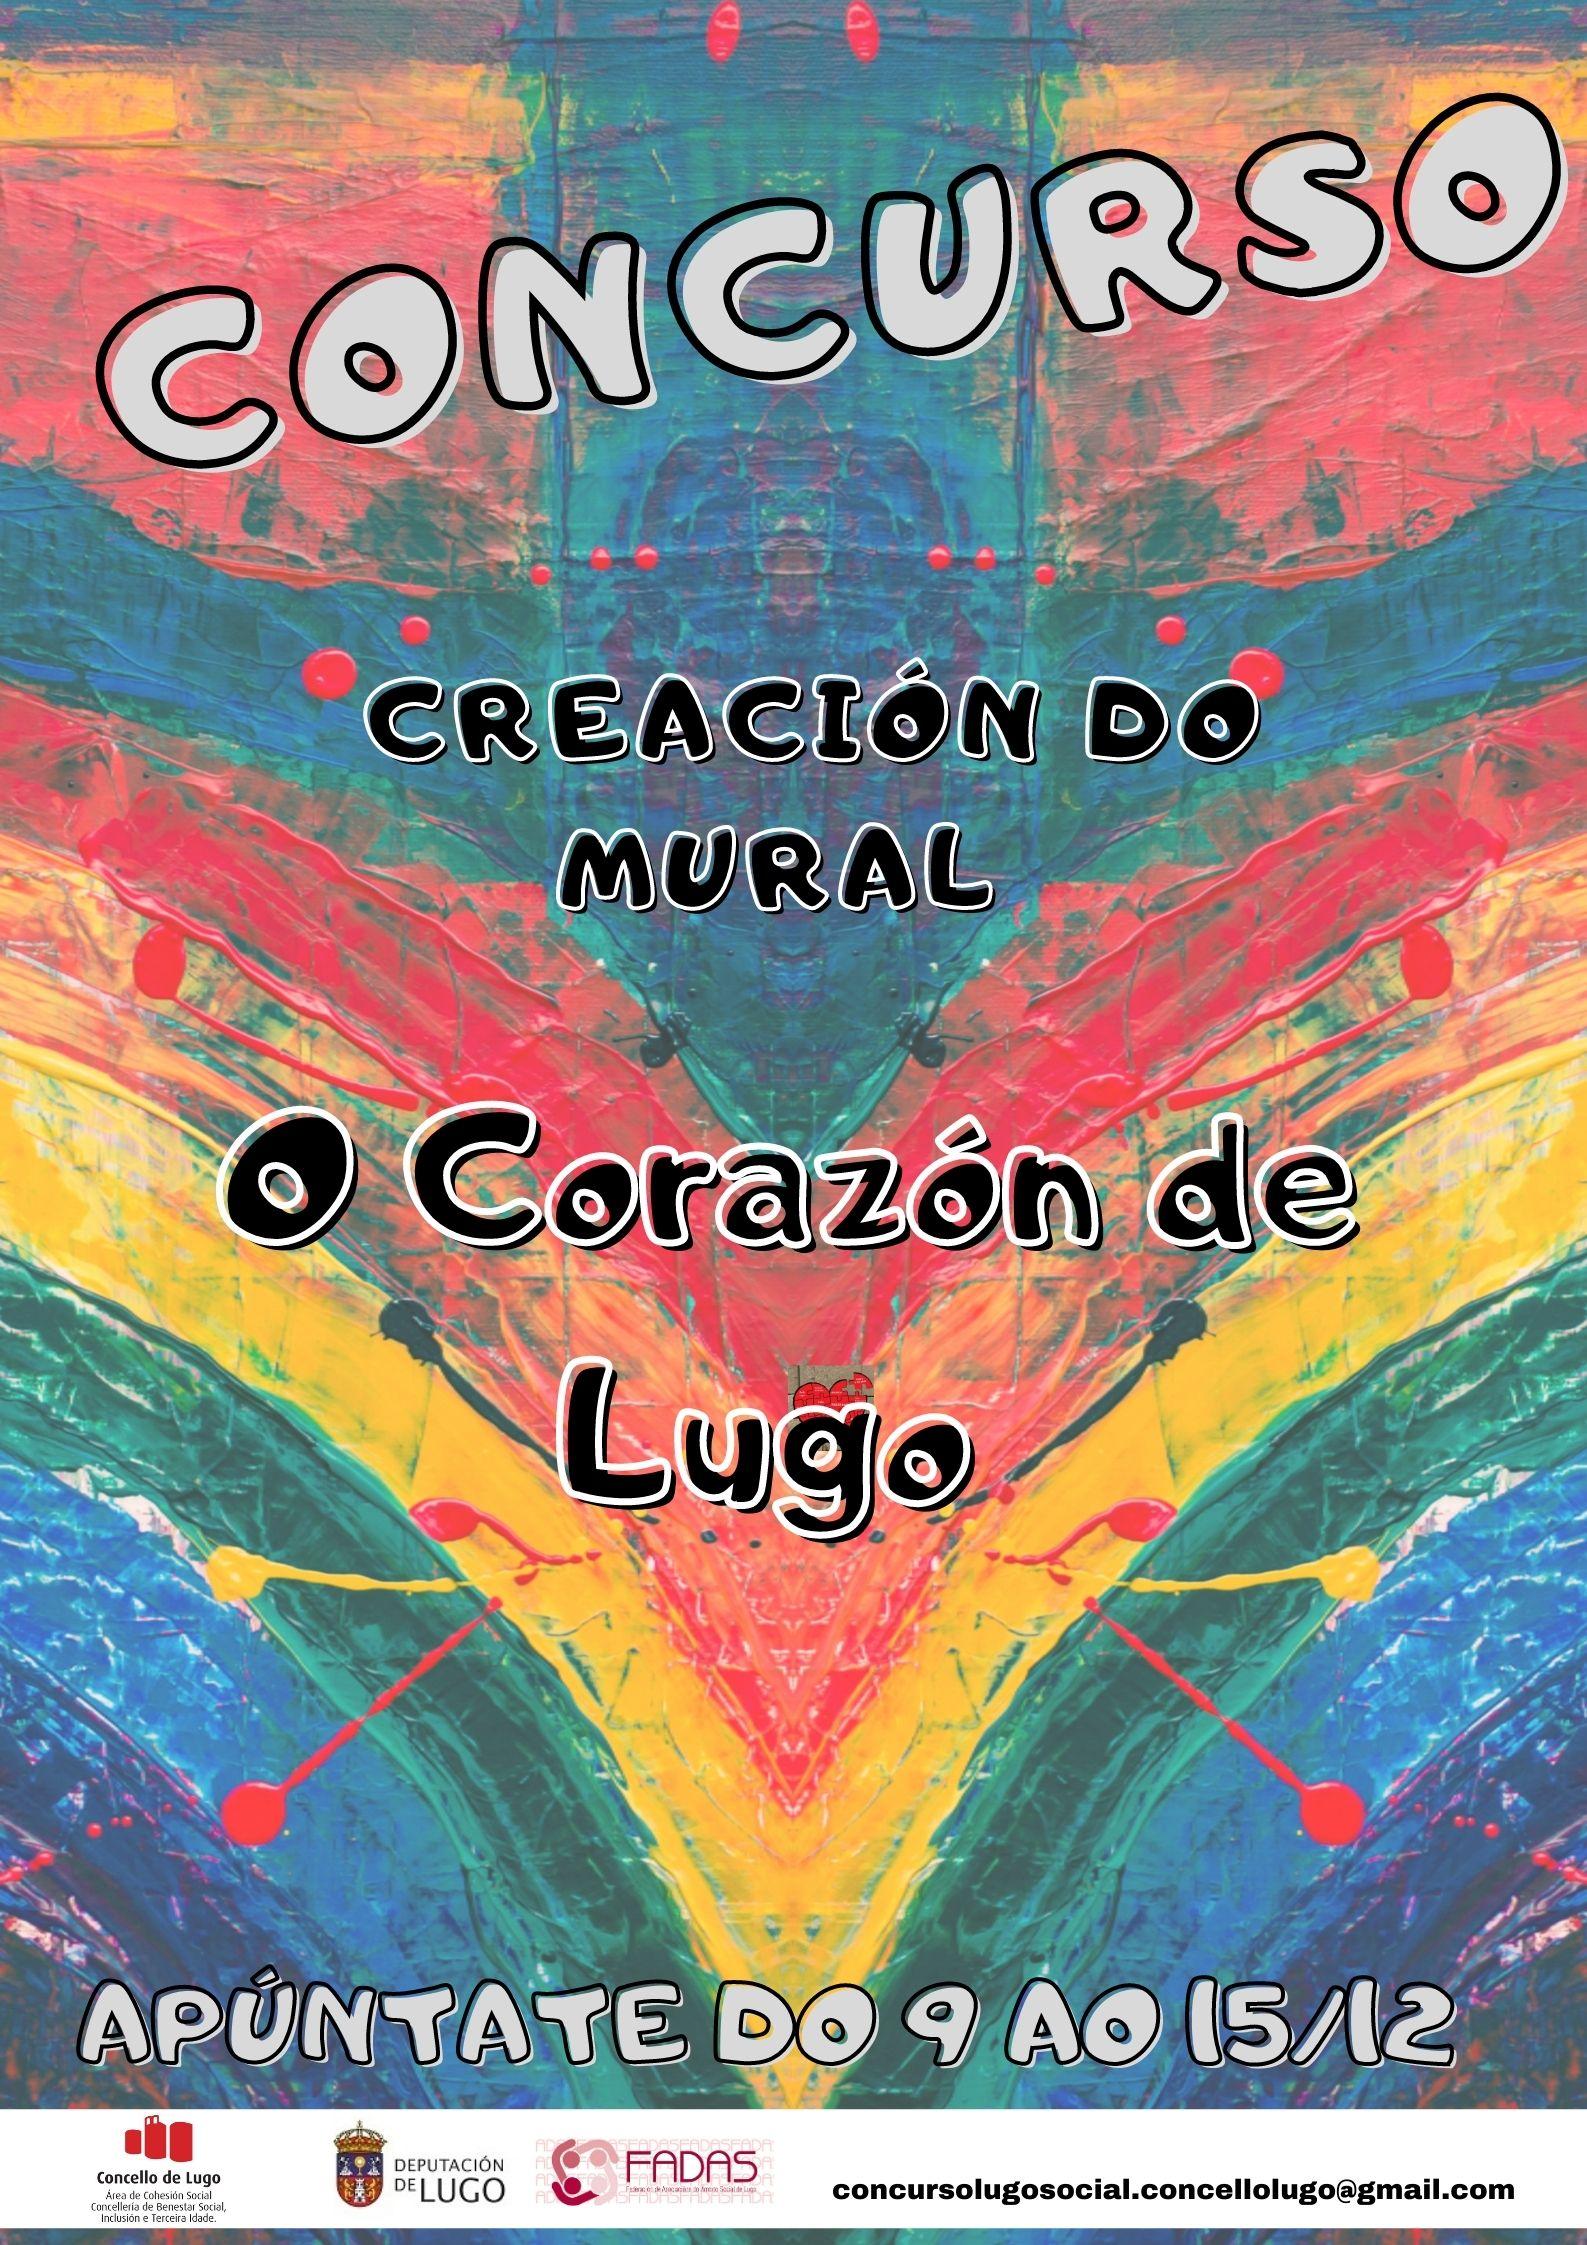 Concurso de graffiti para visibilizar o Lugo social.